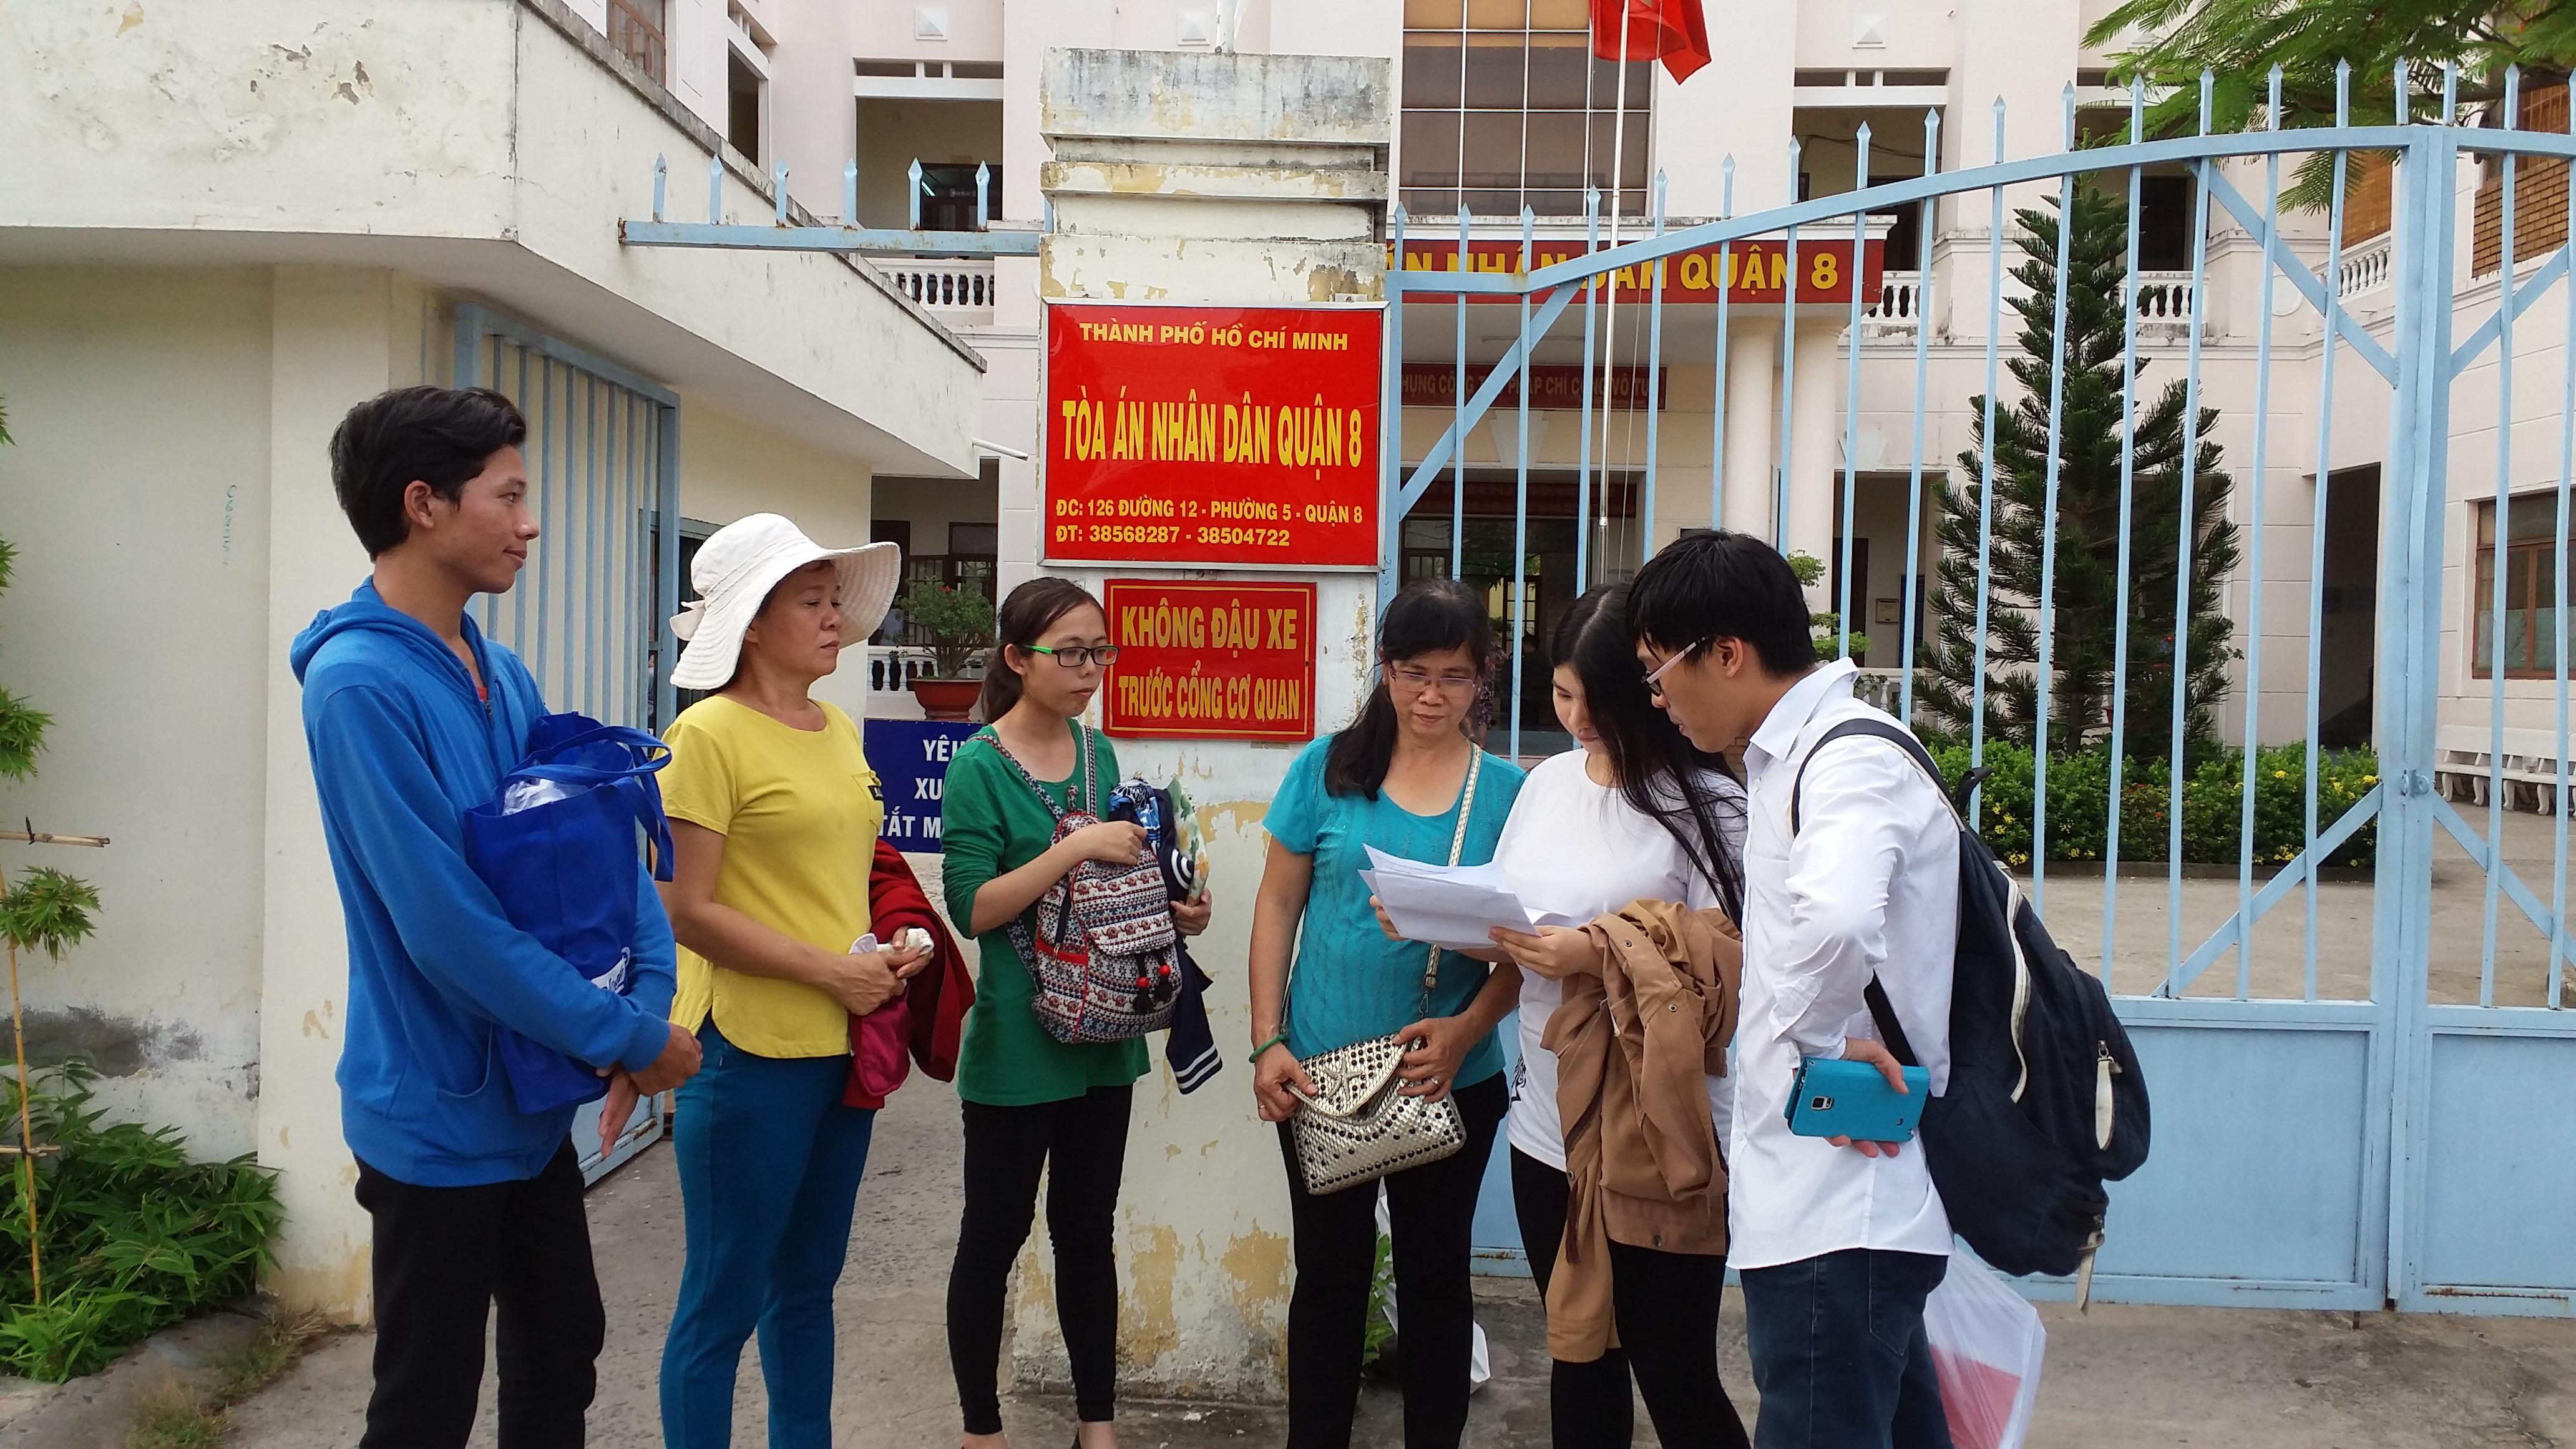 Đình chỉ vụ ĐH Tân Tạo kiện sinh viên đòi học bổng - Ảnh 1.